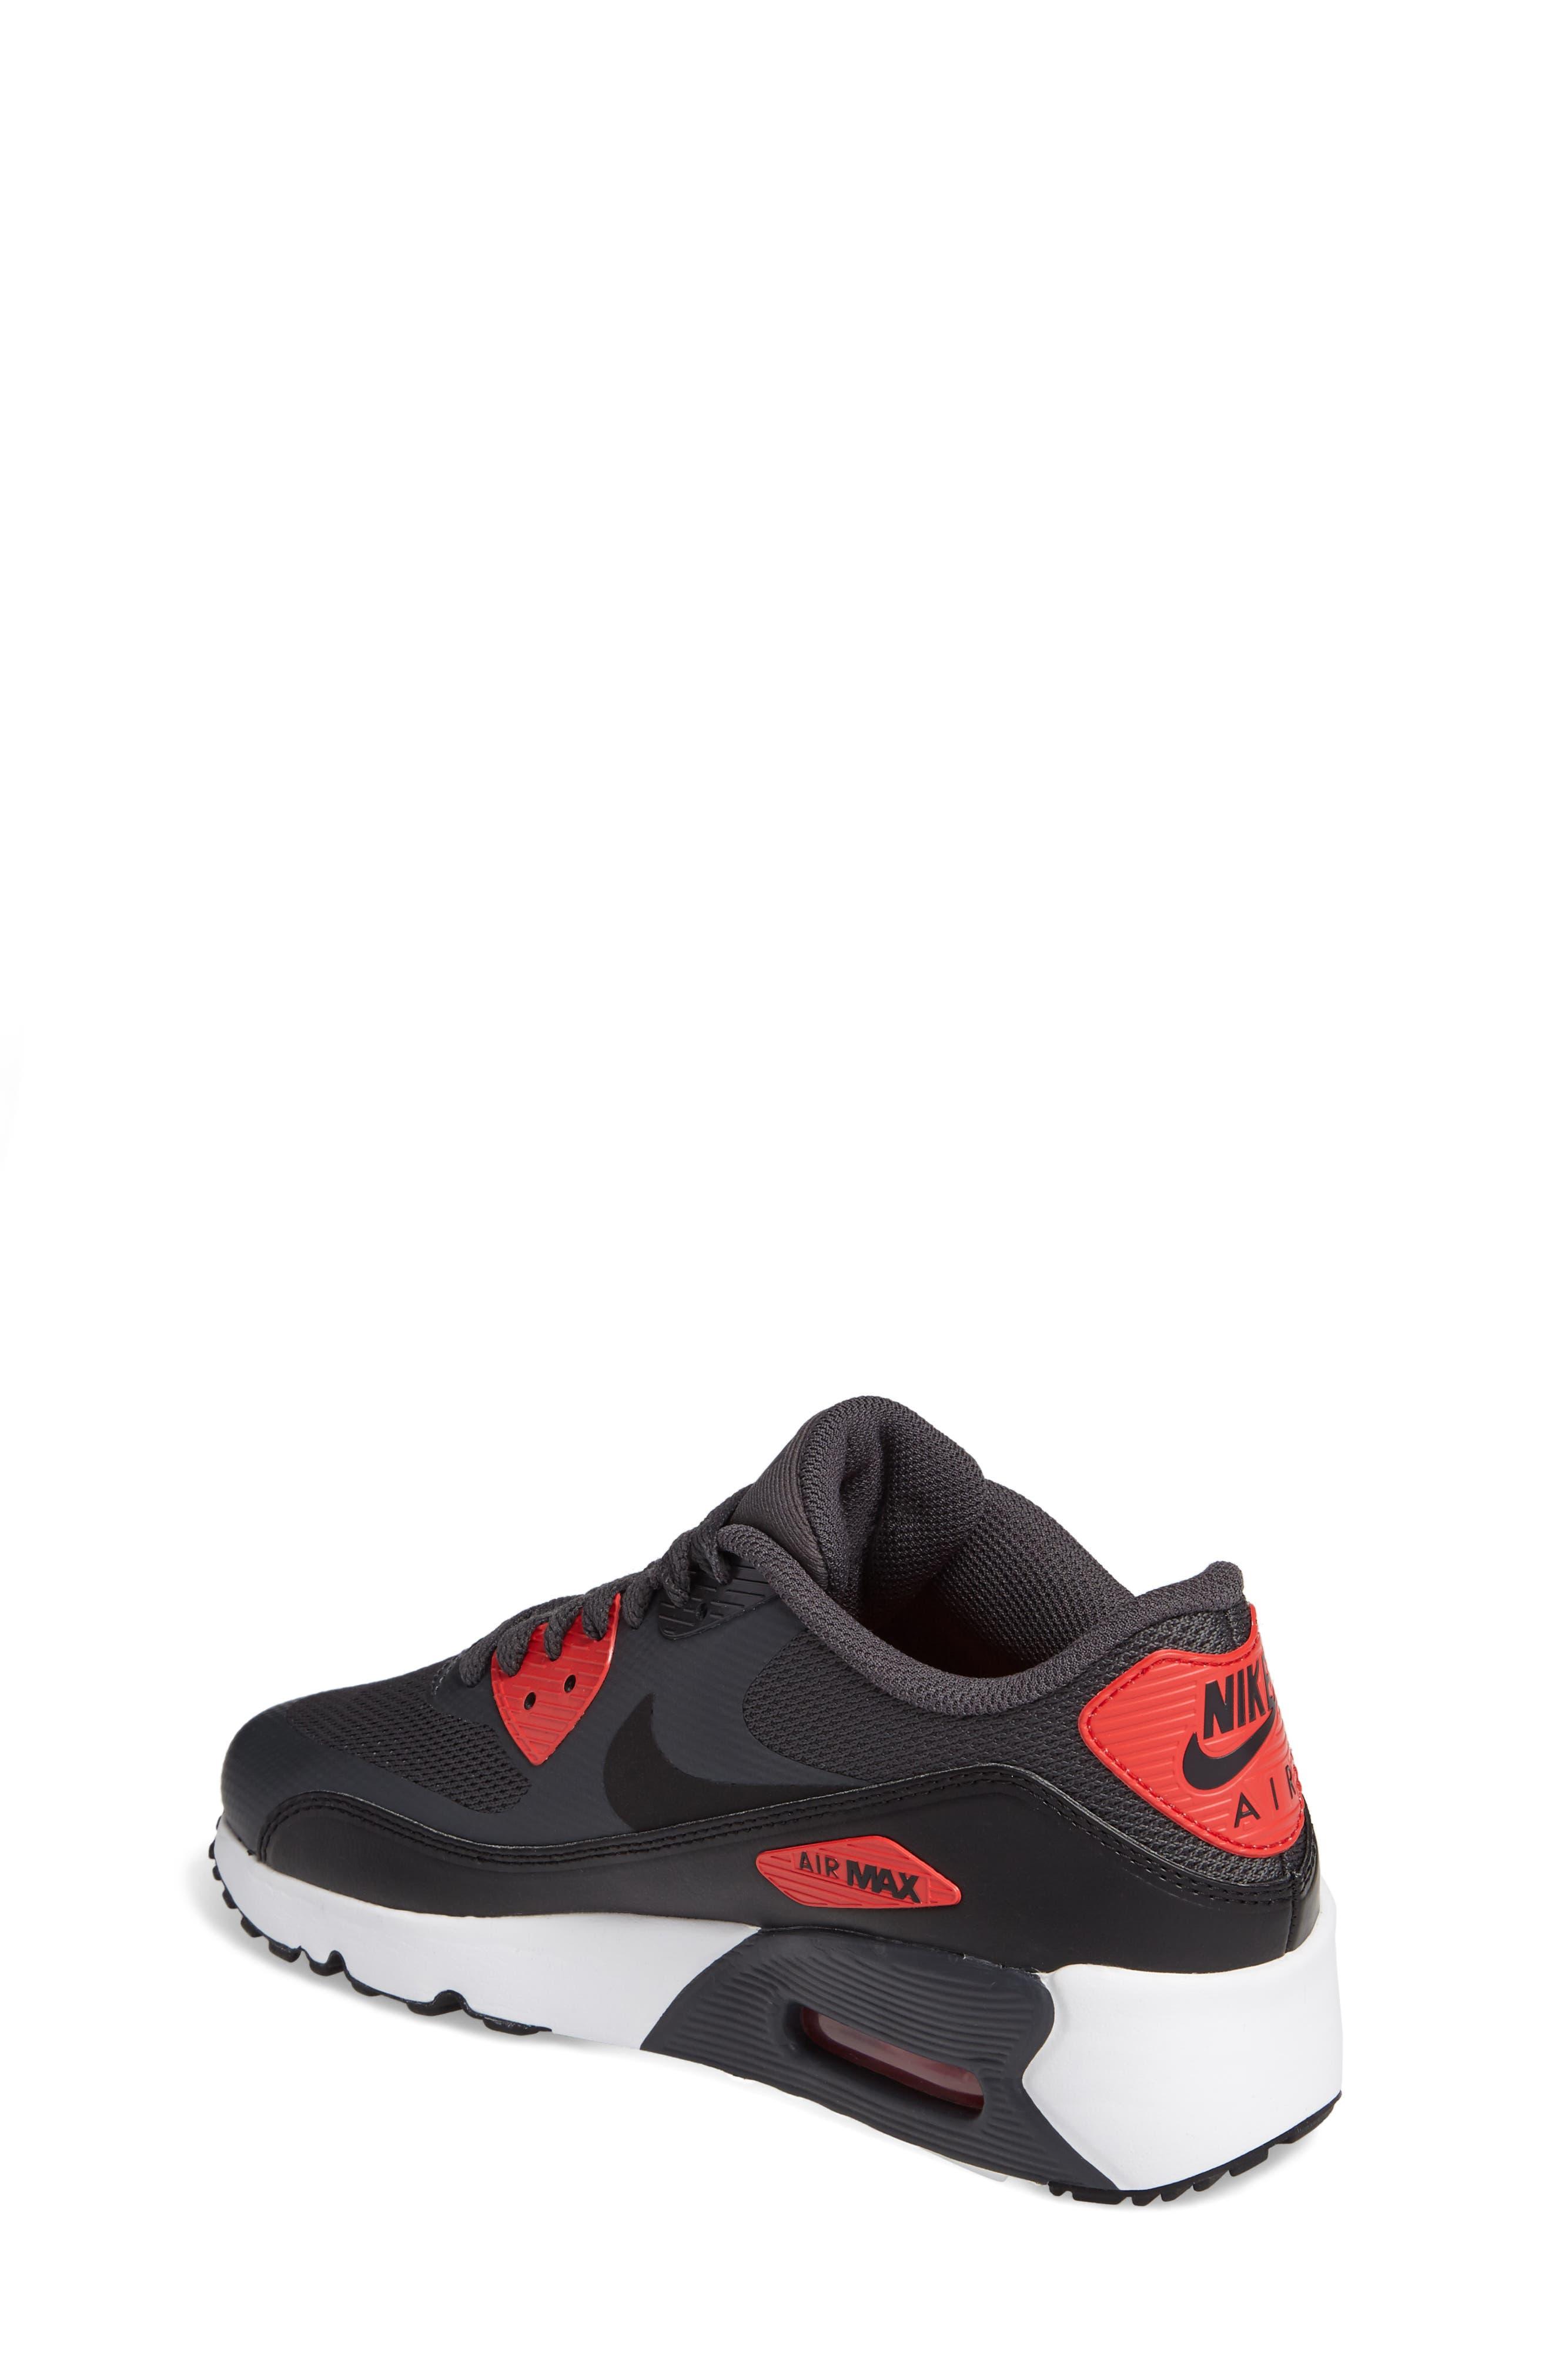 Alternate Image 2  - Nike Air Max 90 Ultra 2.0 Sneaker (Big Kid)